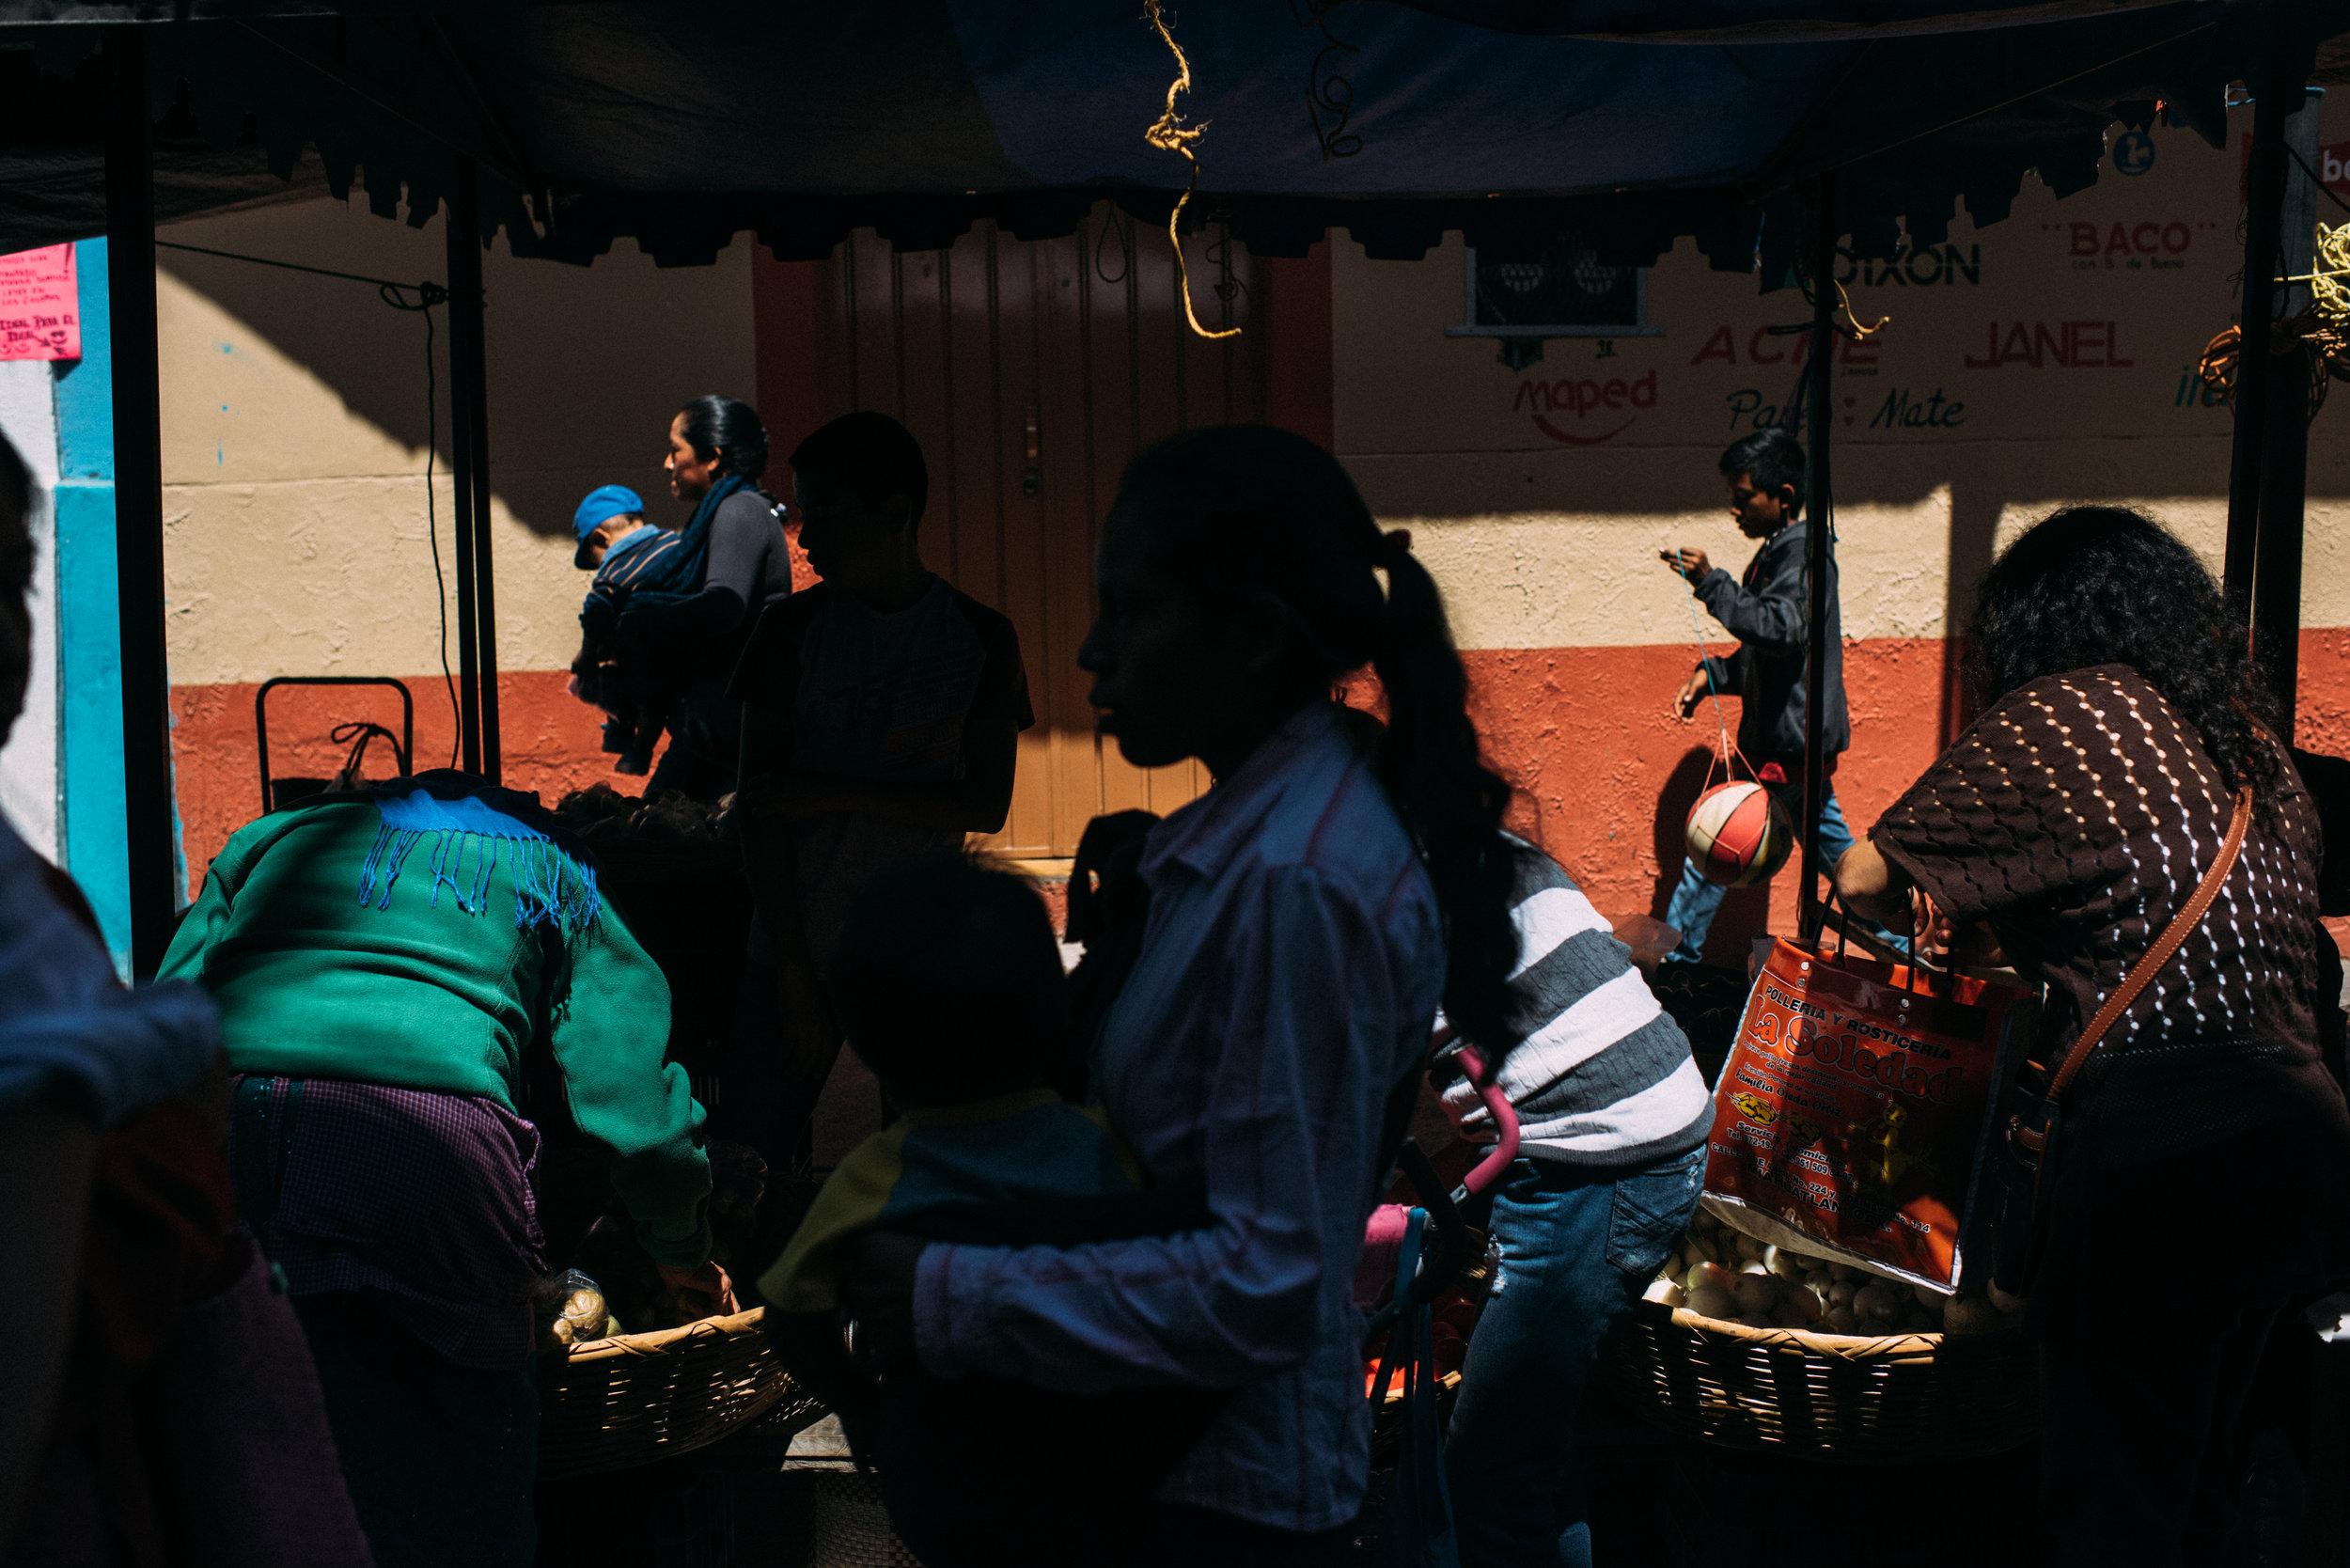 180625_Oaxaca_DustinFranz_Color_056.jpg